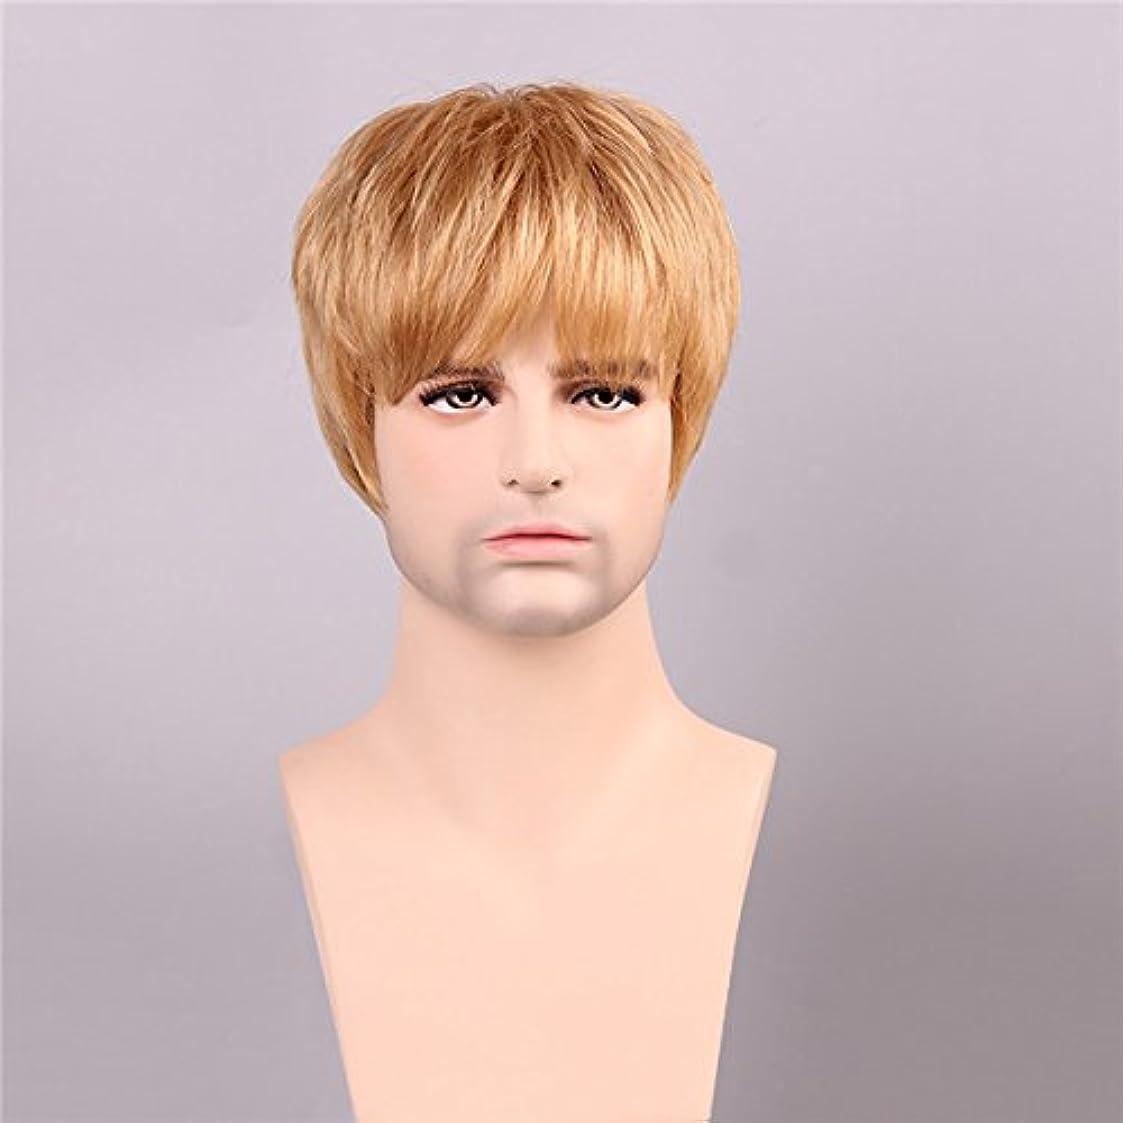 有名人肥満休暇YZUEYT 男性の人間の髪のウィッグゴールデンブラウンブロンドショートモノラルトップ男性男性レミーCapless YZUEYT (Size : One size)